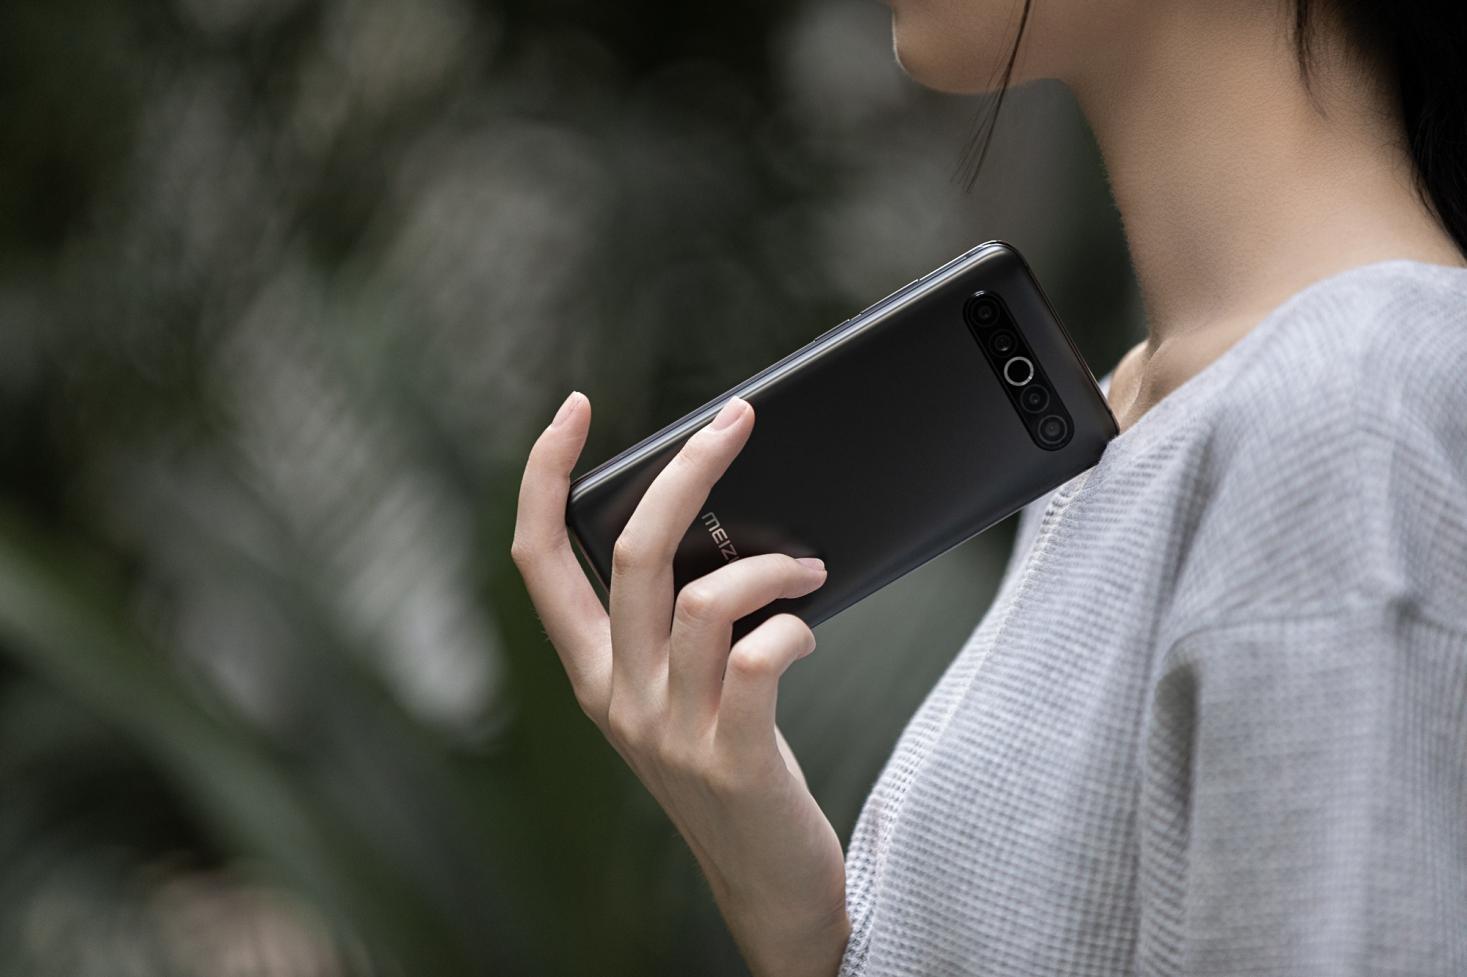 7月Android手機好評榜:萬元旗艦首次登頂